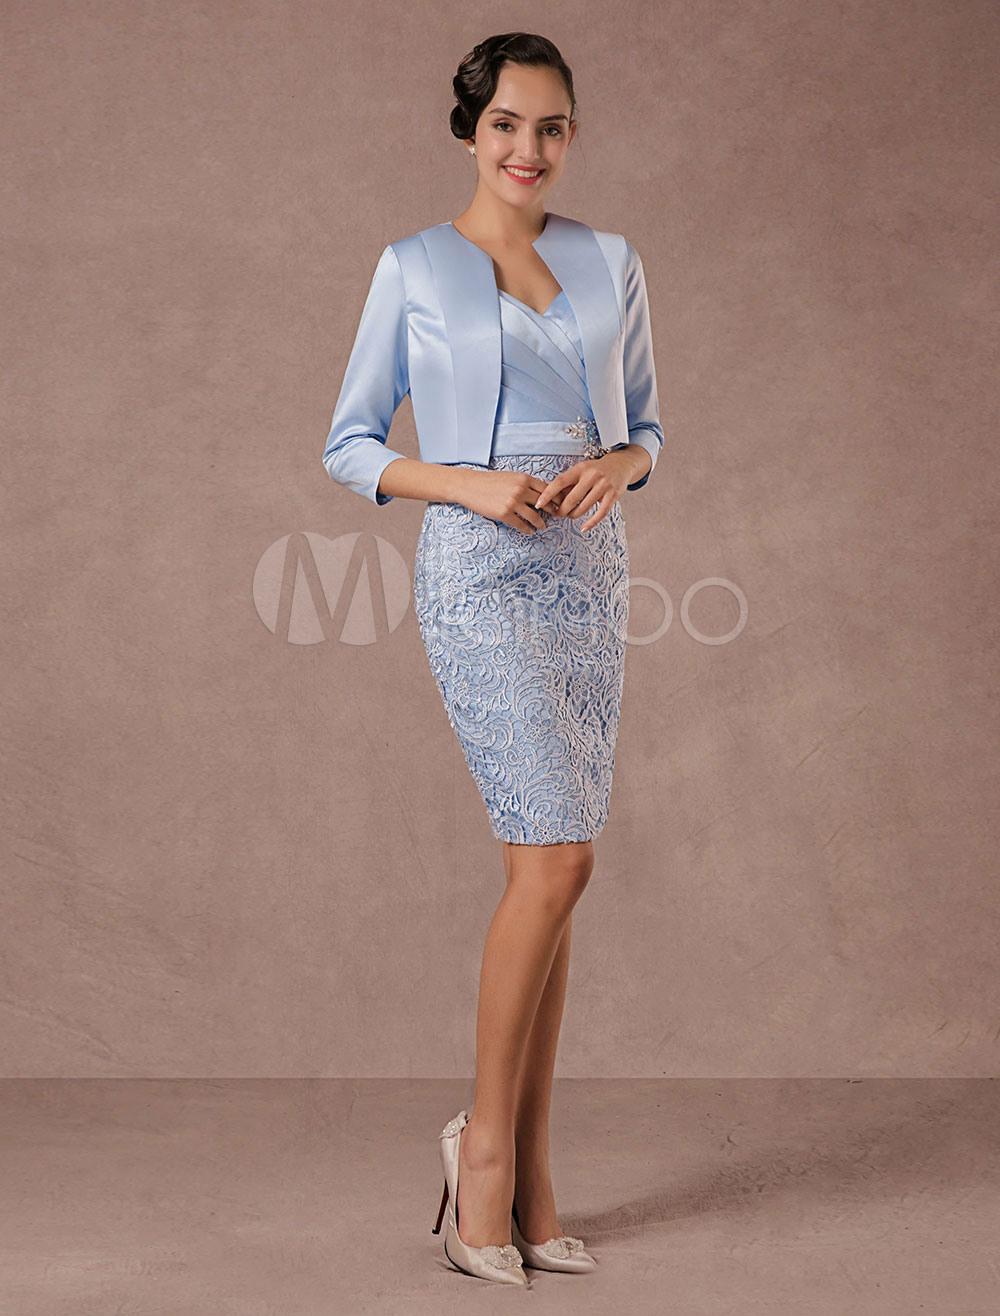 Brautmutterkleider Etui- Abendkleider Für Hochzeit Pastellblau  Cocktailkleider Spitze Designender Ausschnitt Hochzeit Knielang 3/4 Ärmel